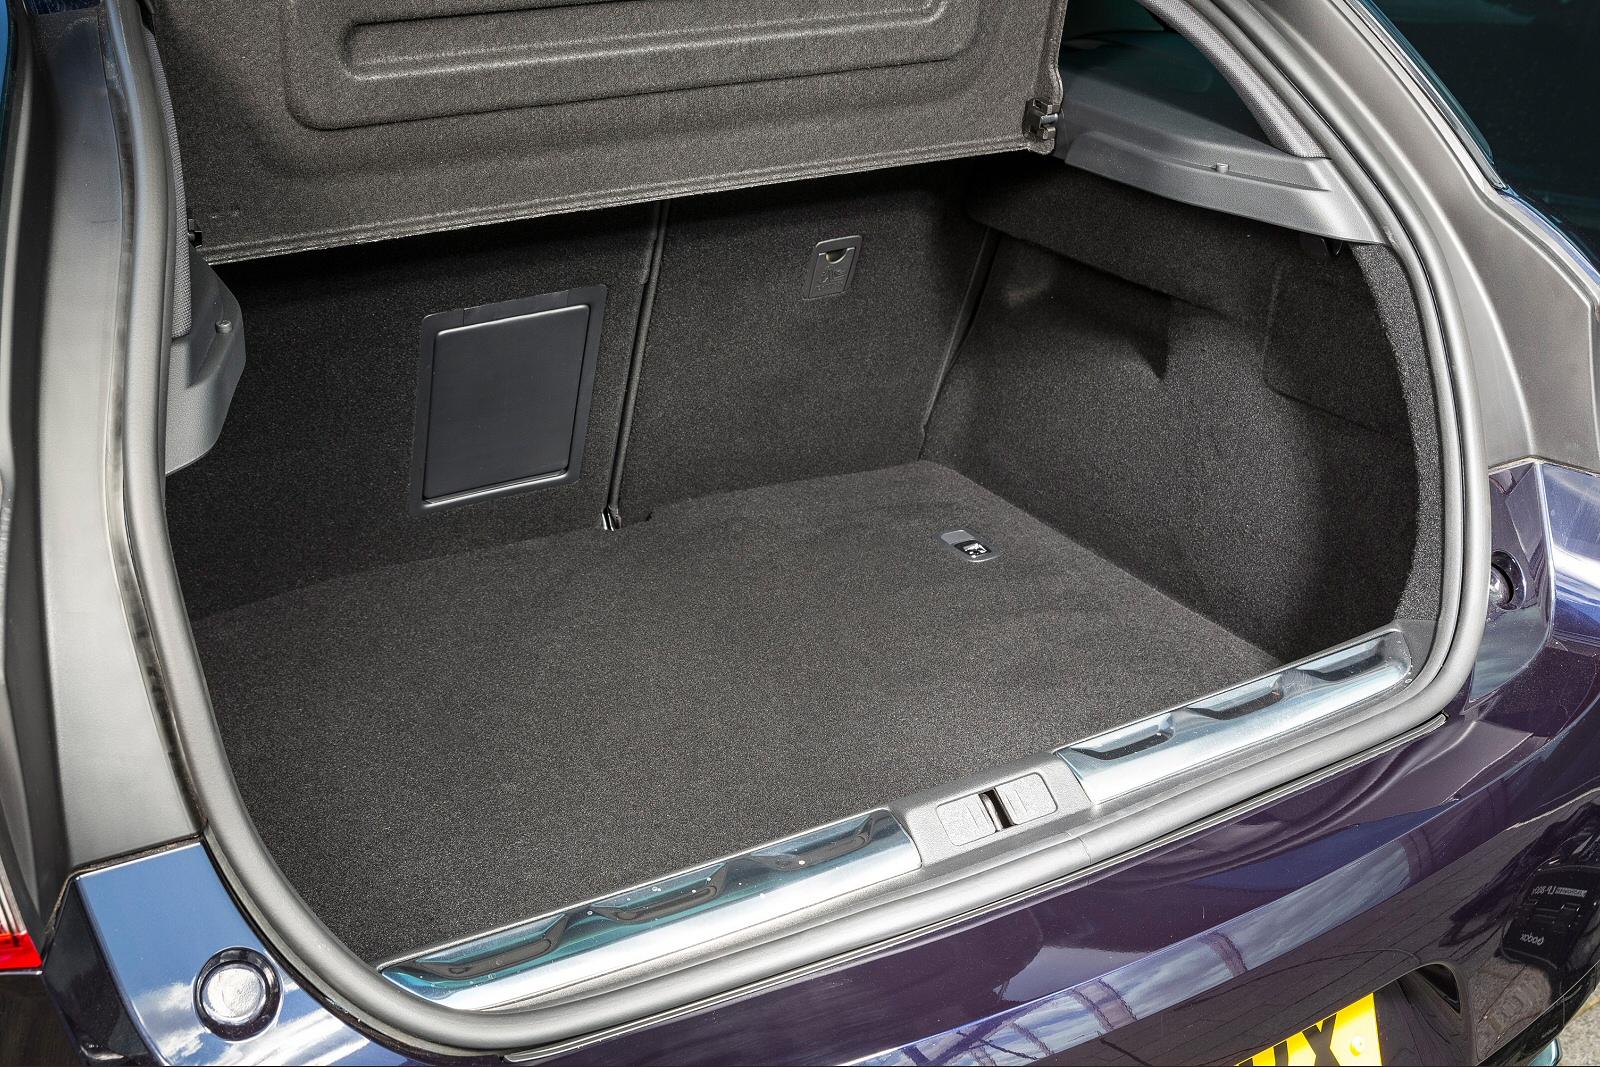 new ds 5 2 0 bluehdi 180 prestige 5dr eat6 diesel hatchback for sale bristol street. Black Bedroom Furniture Sets. Home Design Ideas